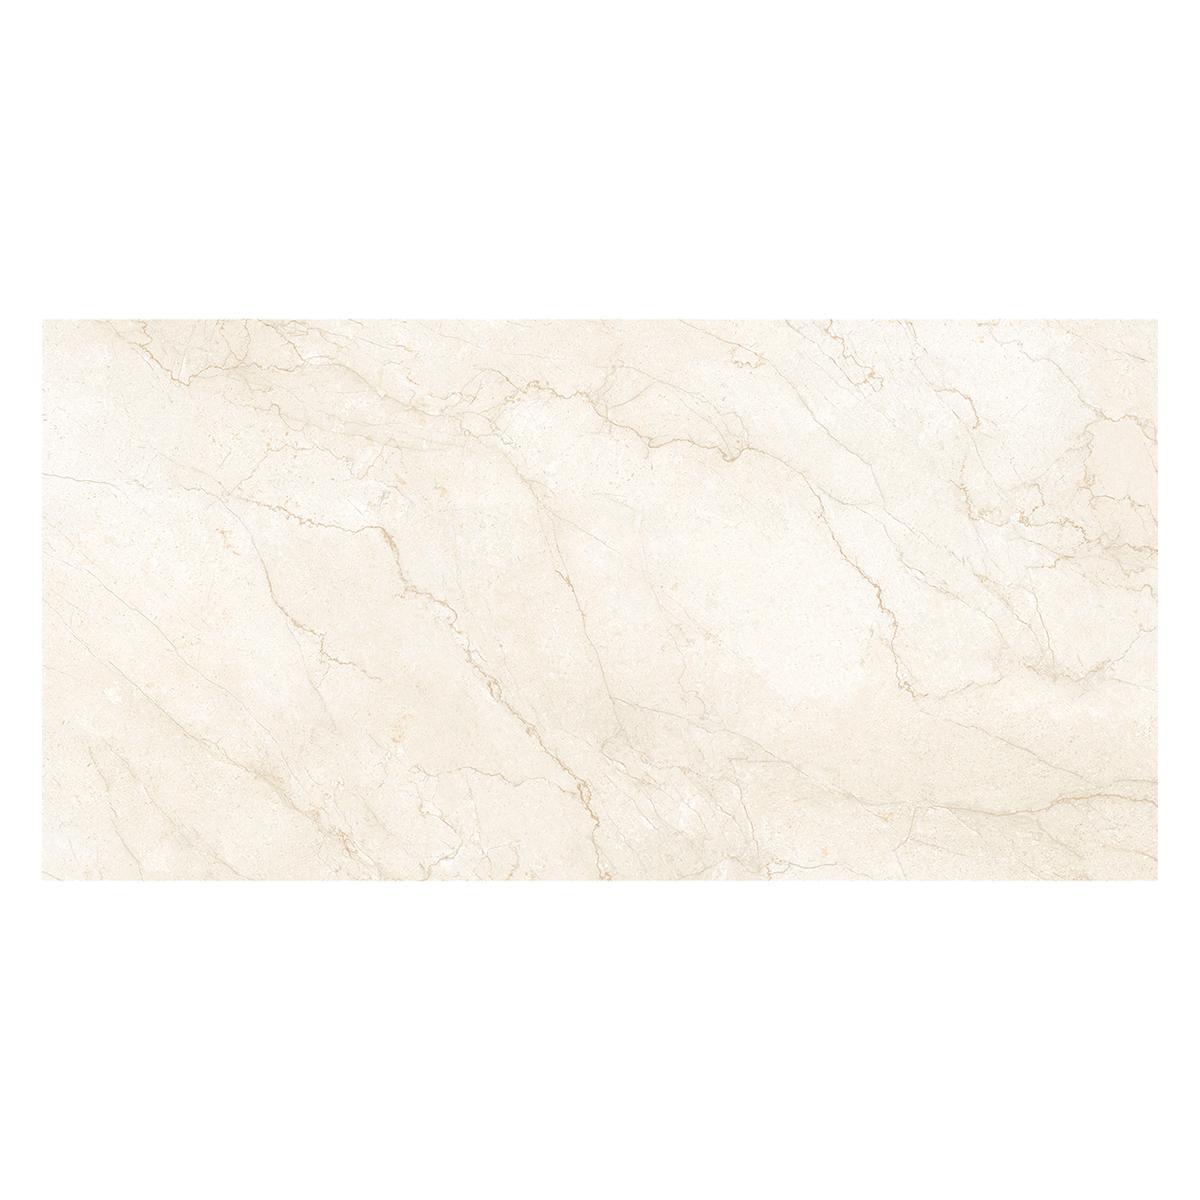 Porcelanato Marmara Hueso Brillante - 60X120 cm - 1.44 m2